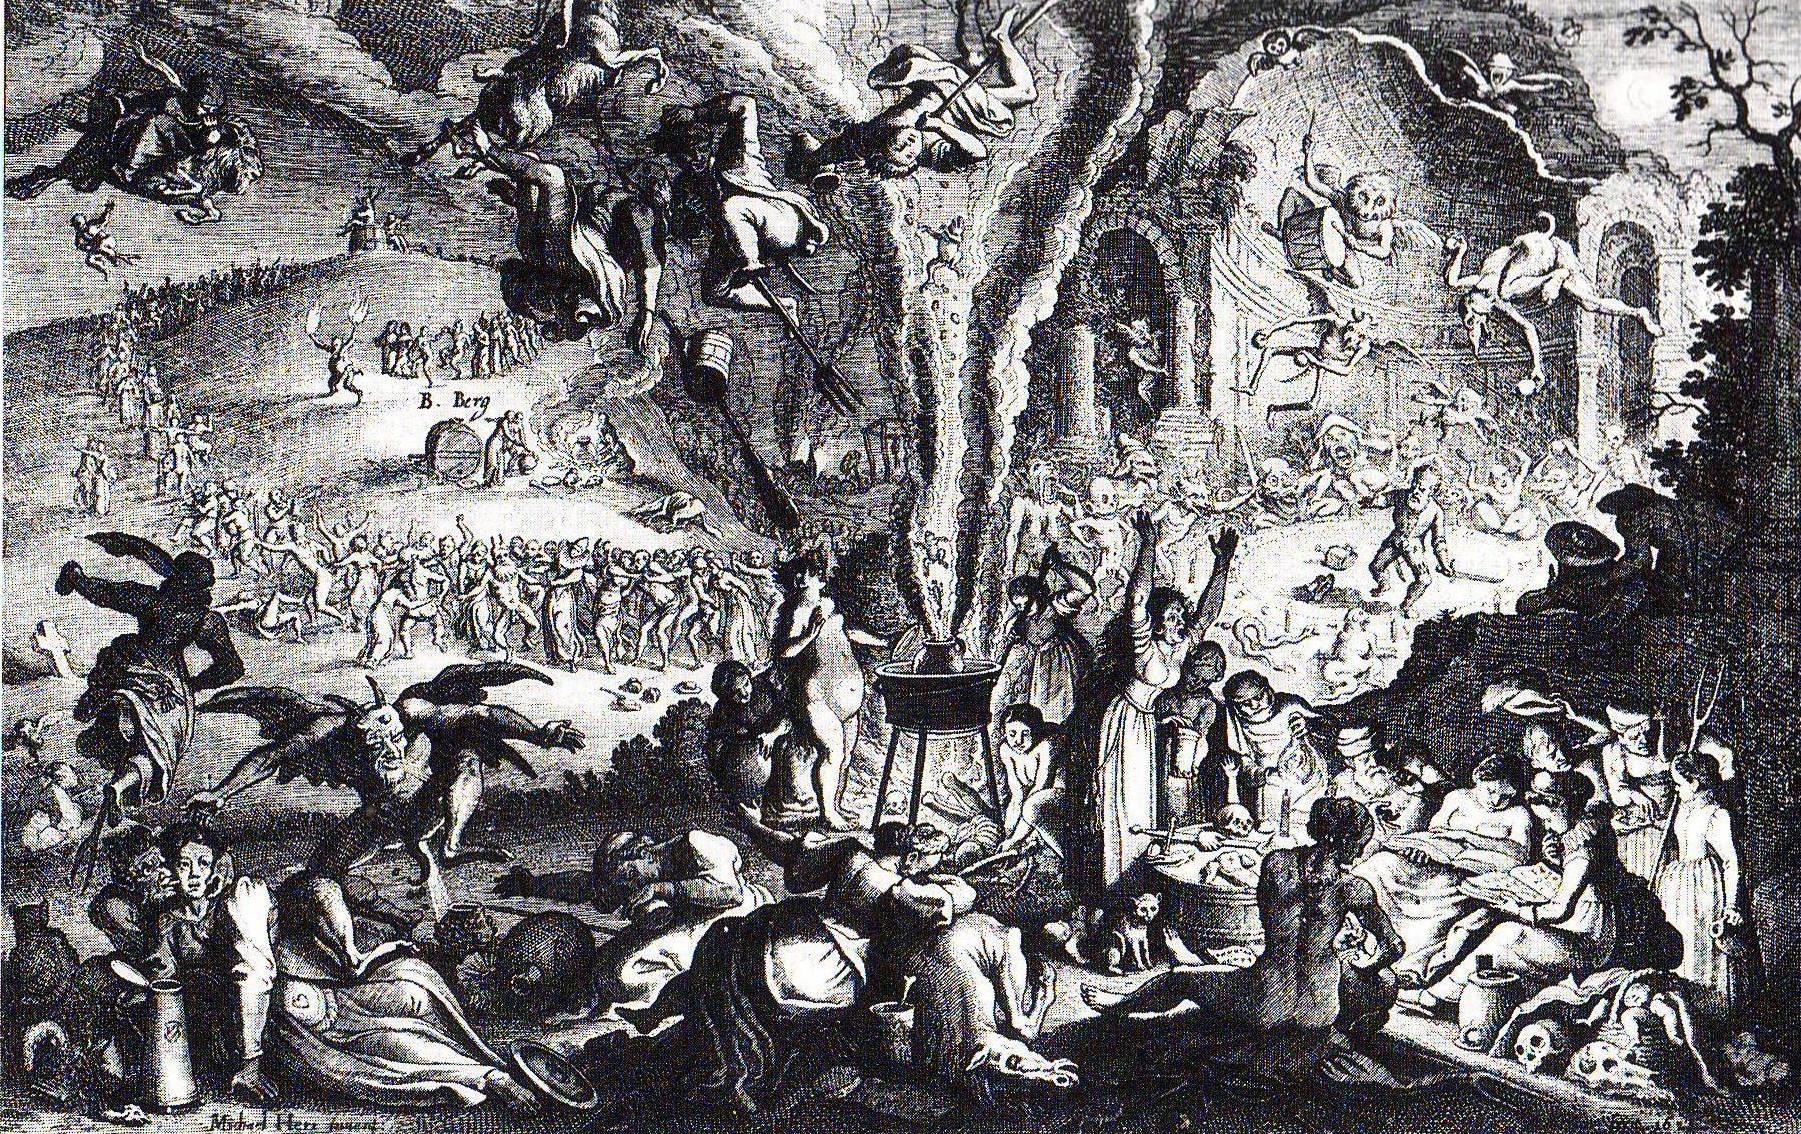 Mitos y leyendas 41887